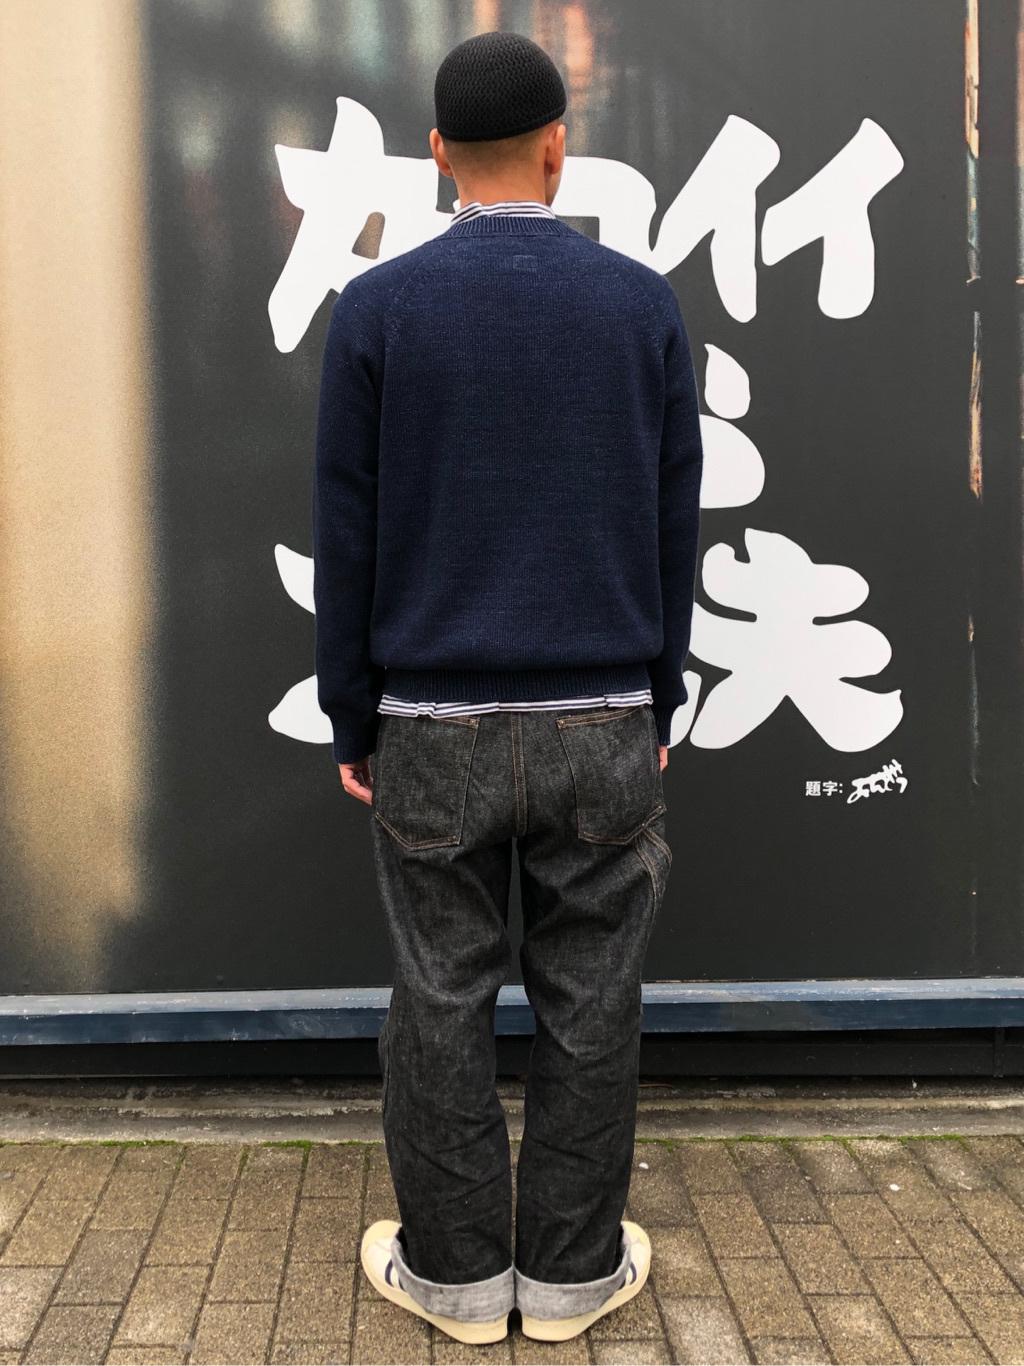 MINAMIHORIE店のカワノショウタさんのEDWINの【コンセプトショップ限定】INDIGO GARMENTS CREWNECK KNITを使ったコーディネート